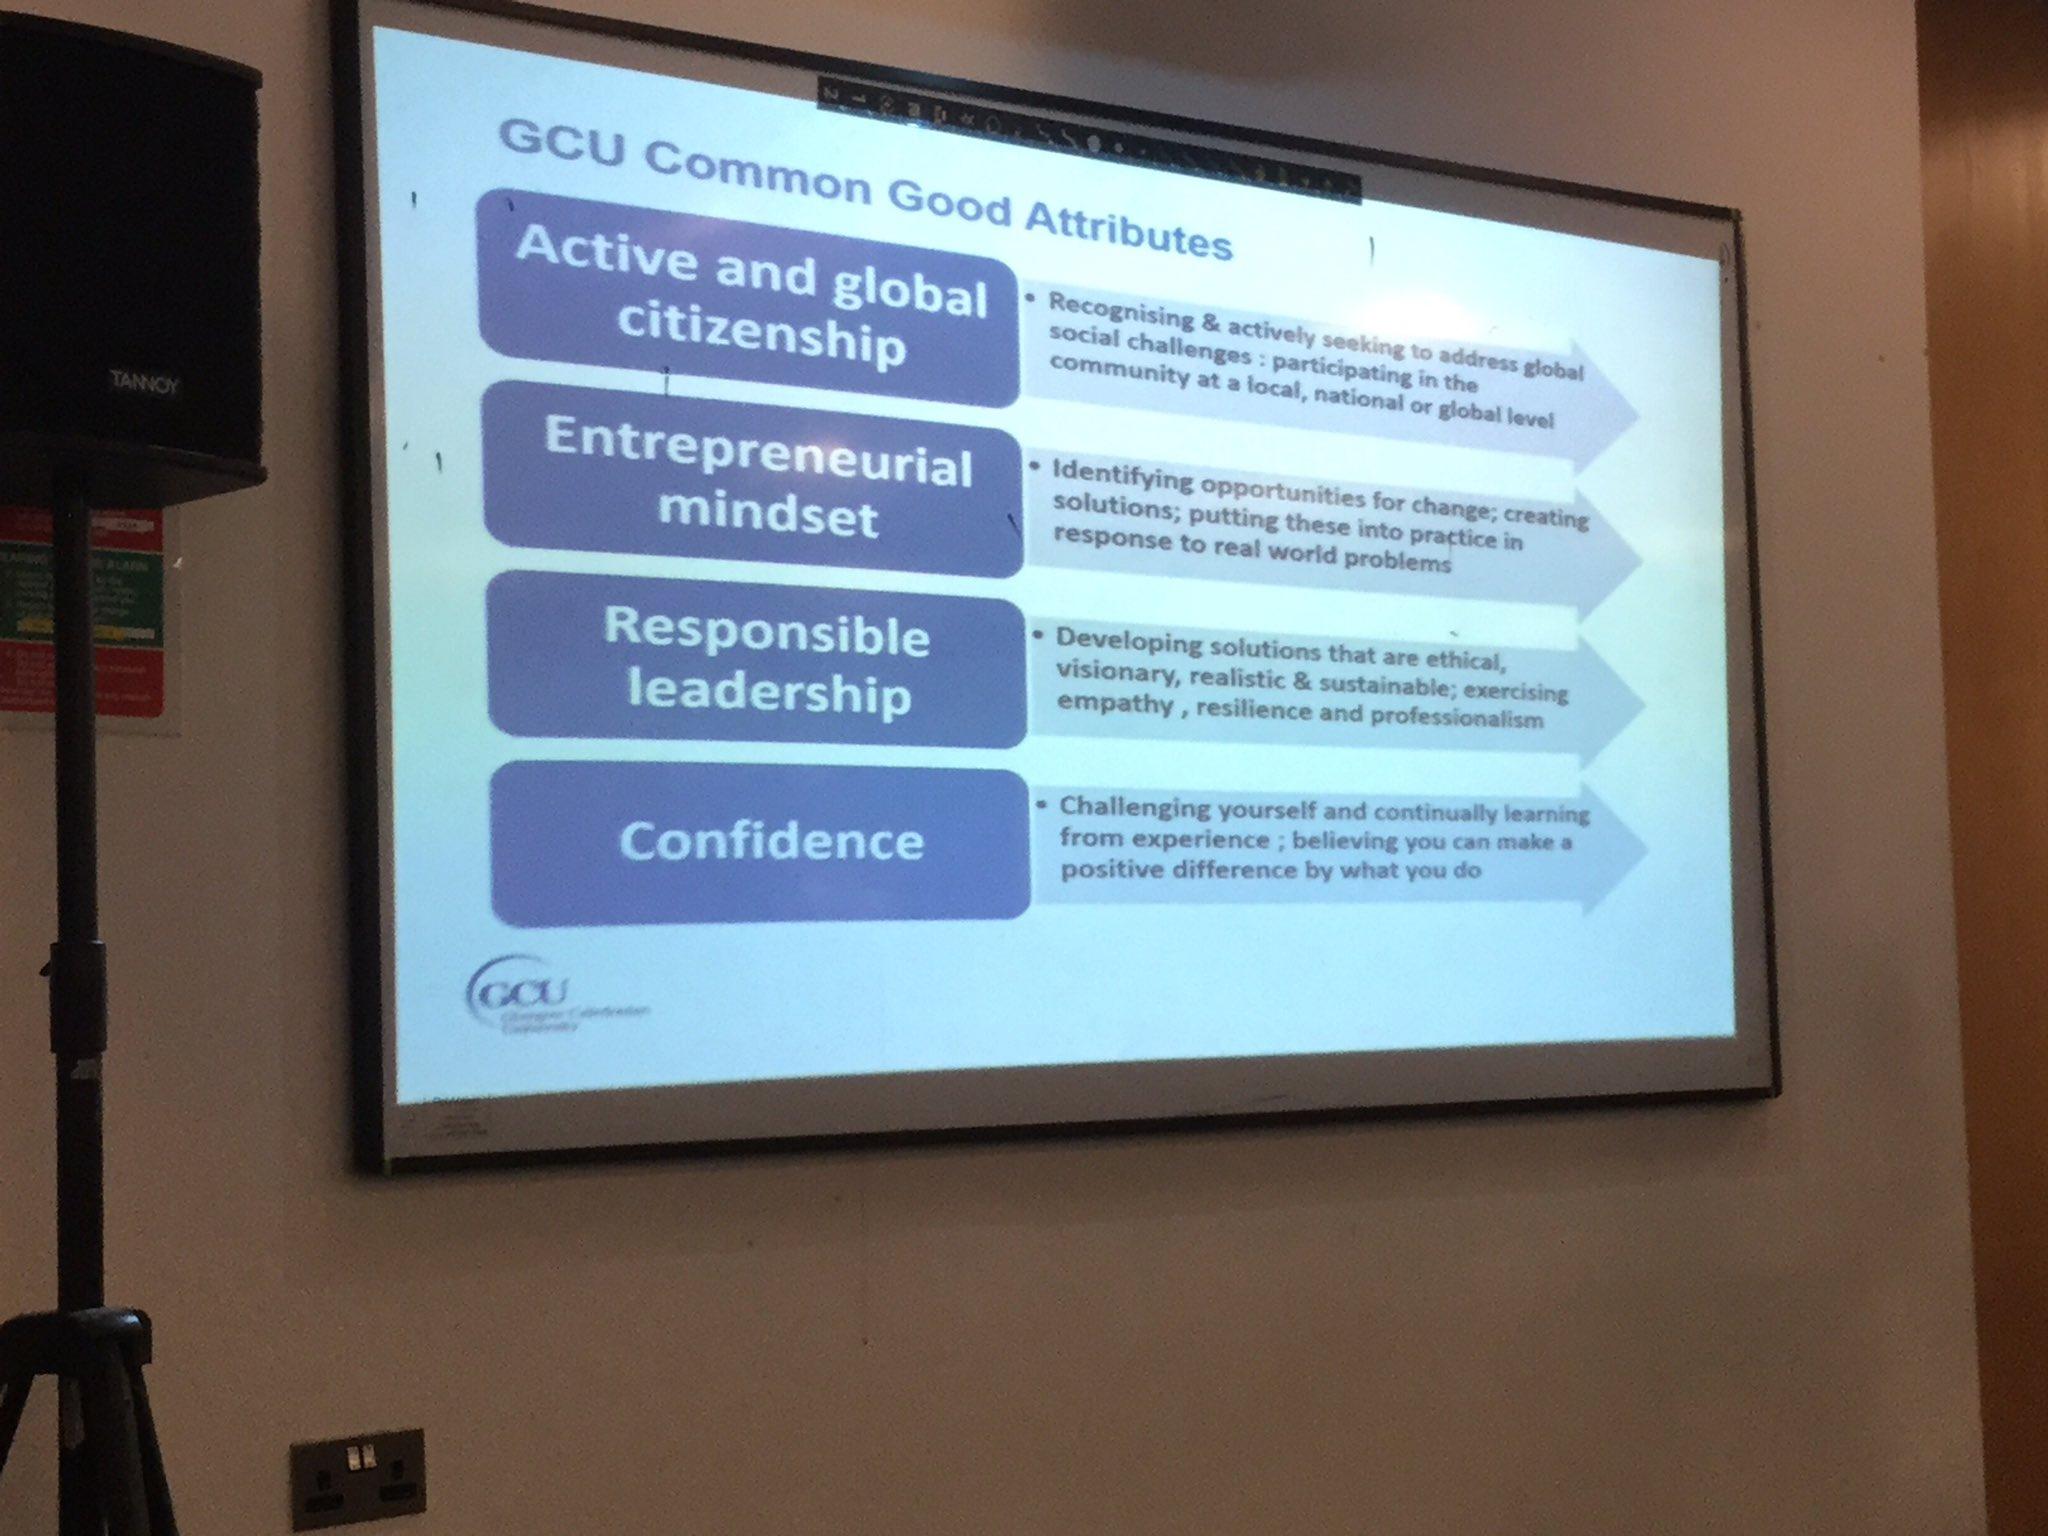 common good attributes  #LTGCU https://t.co/PmQV3Gki7P